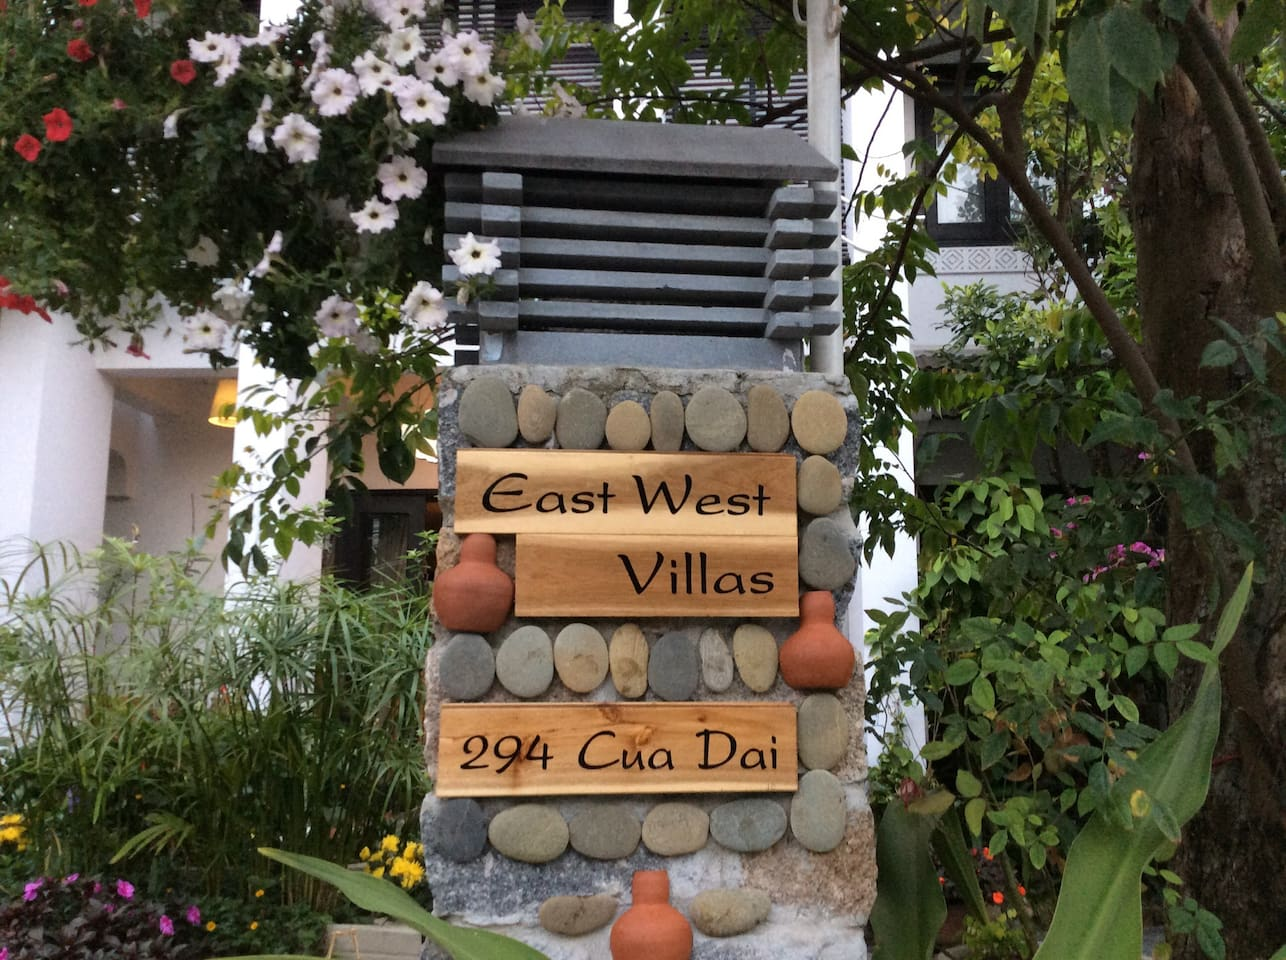 East West Villas, 294 Cửa Đại